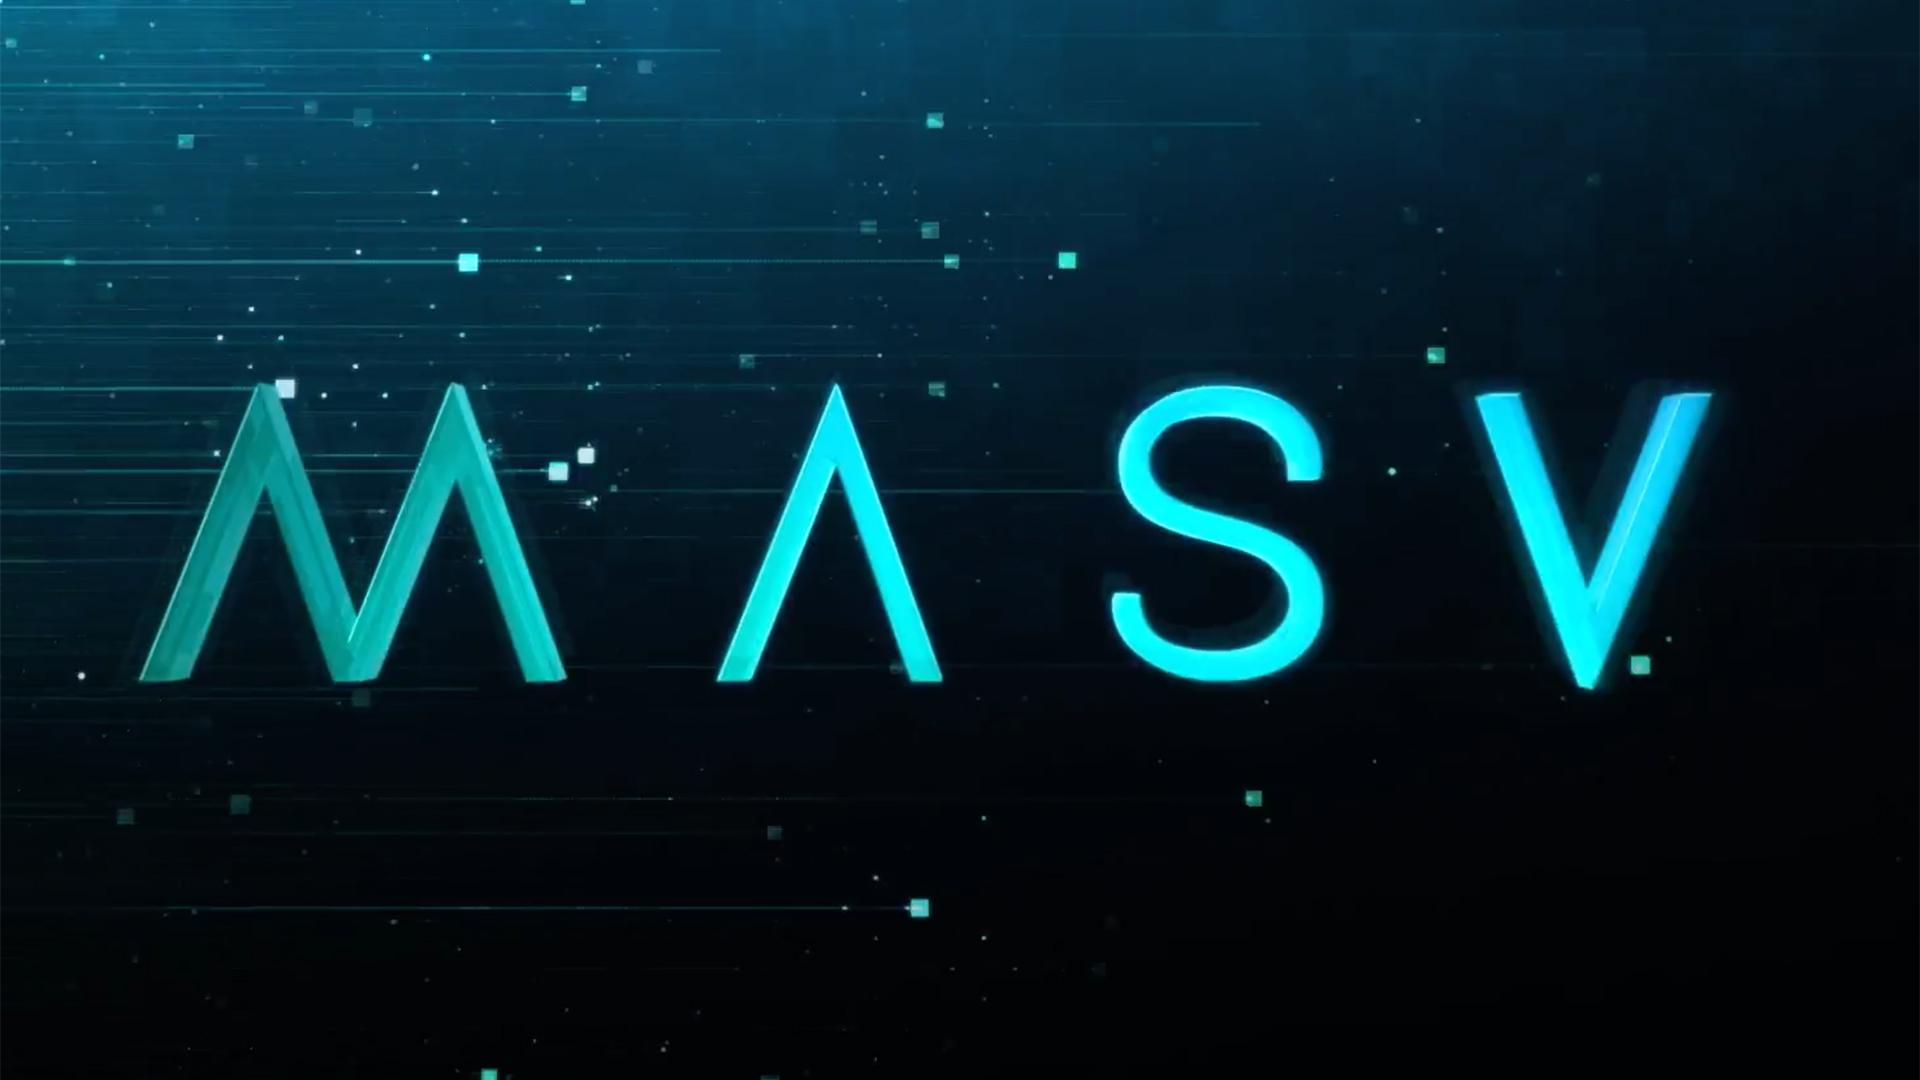 Reseña del MASV 3 - ¿Qué tan bueno es realmente?